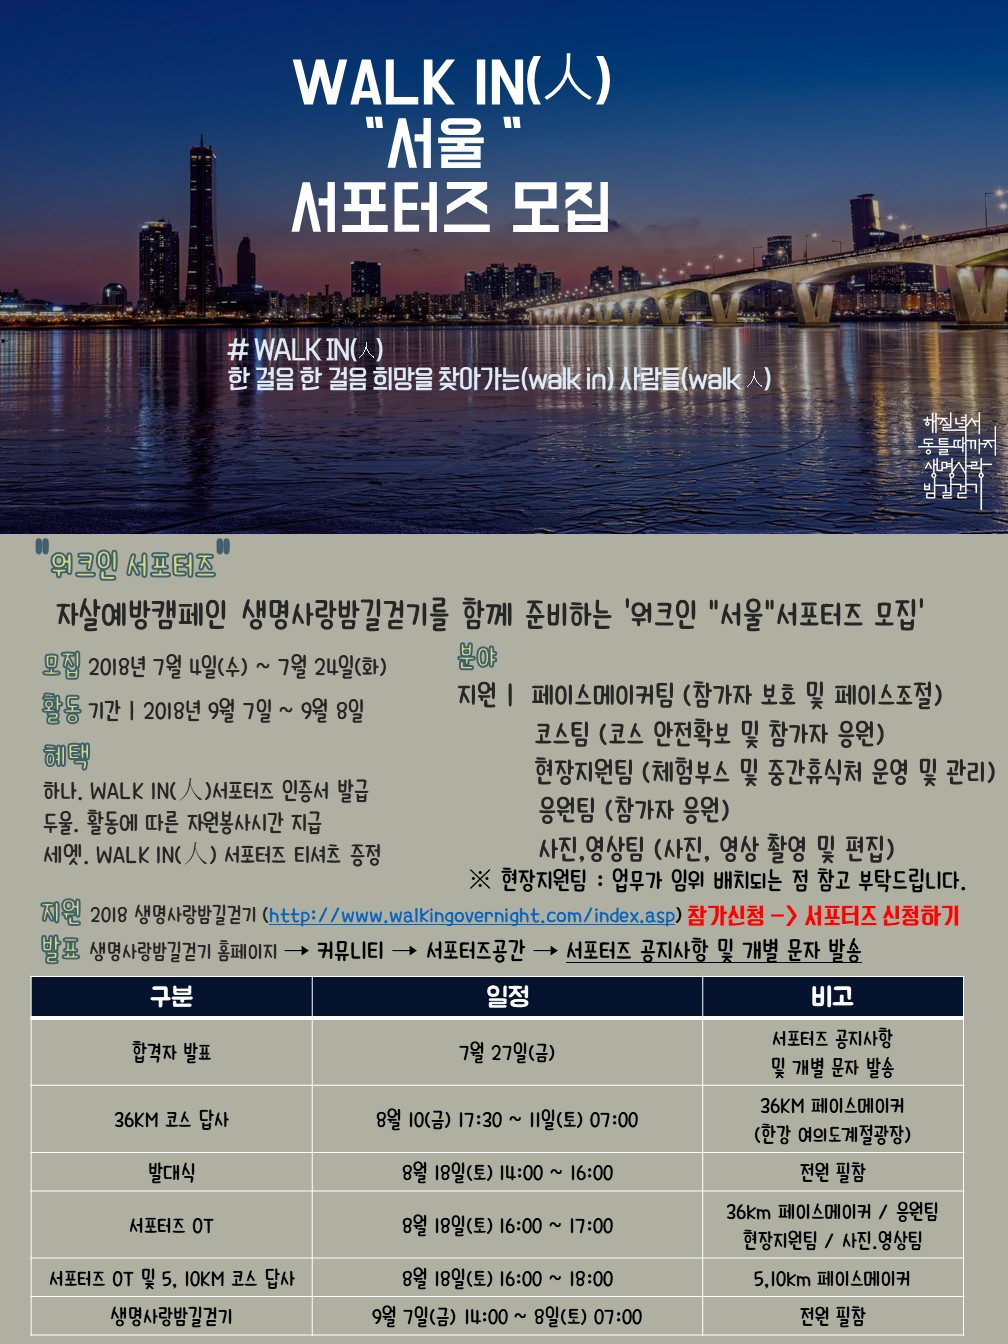 """[한국생명의전화] 2018 생명사랑밤길걷기 WALK IN(人) """"서울"""" 서포터즈 모집(~7/24)"""